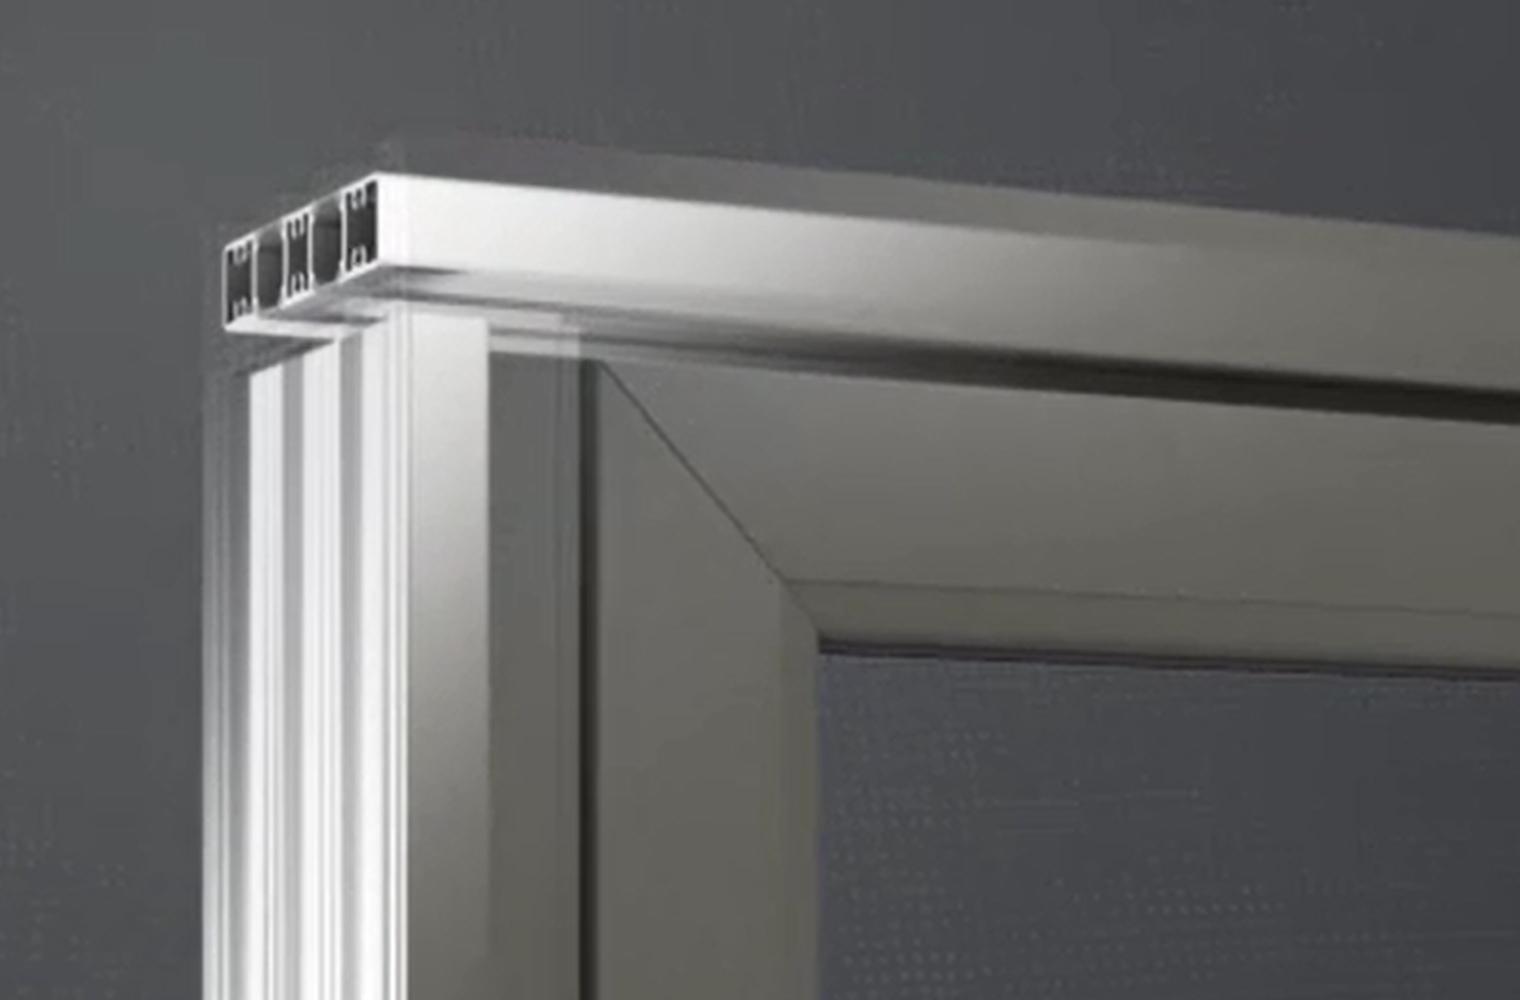 terrassentüren sichern für mehr einbruchschutz - fensterblick.de